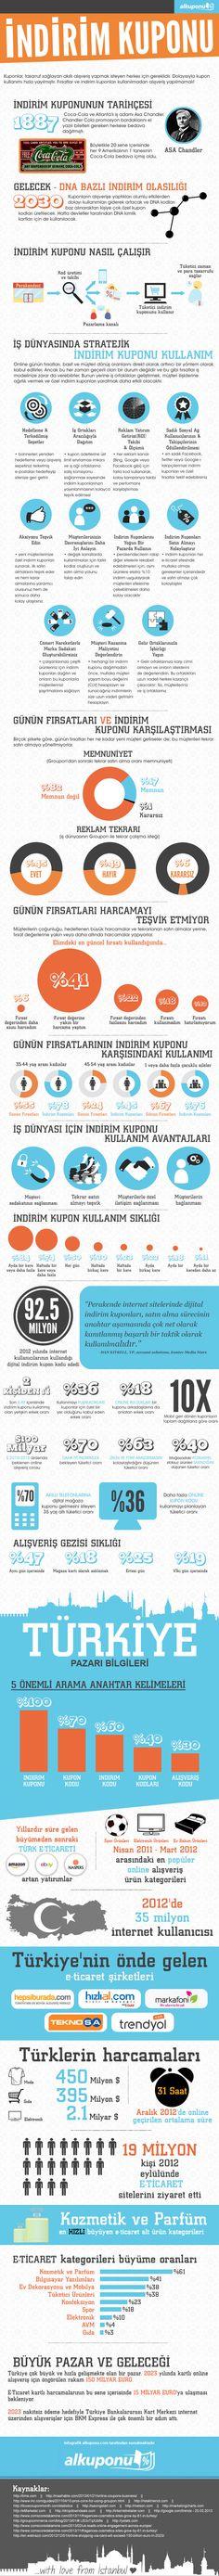 Kampanyalar - Türkiye Pazarı 2013